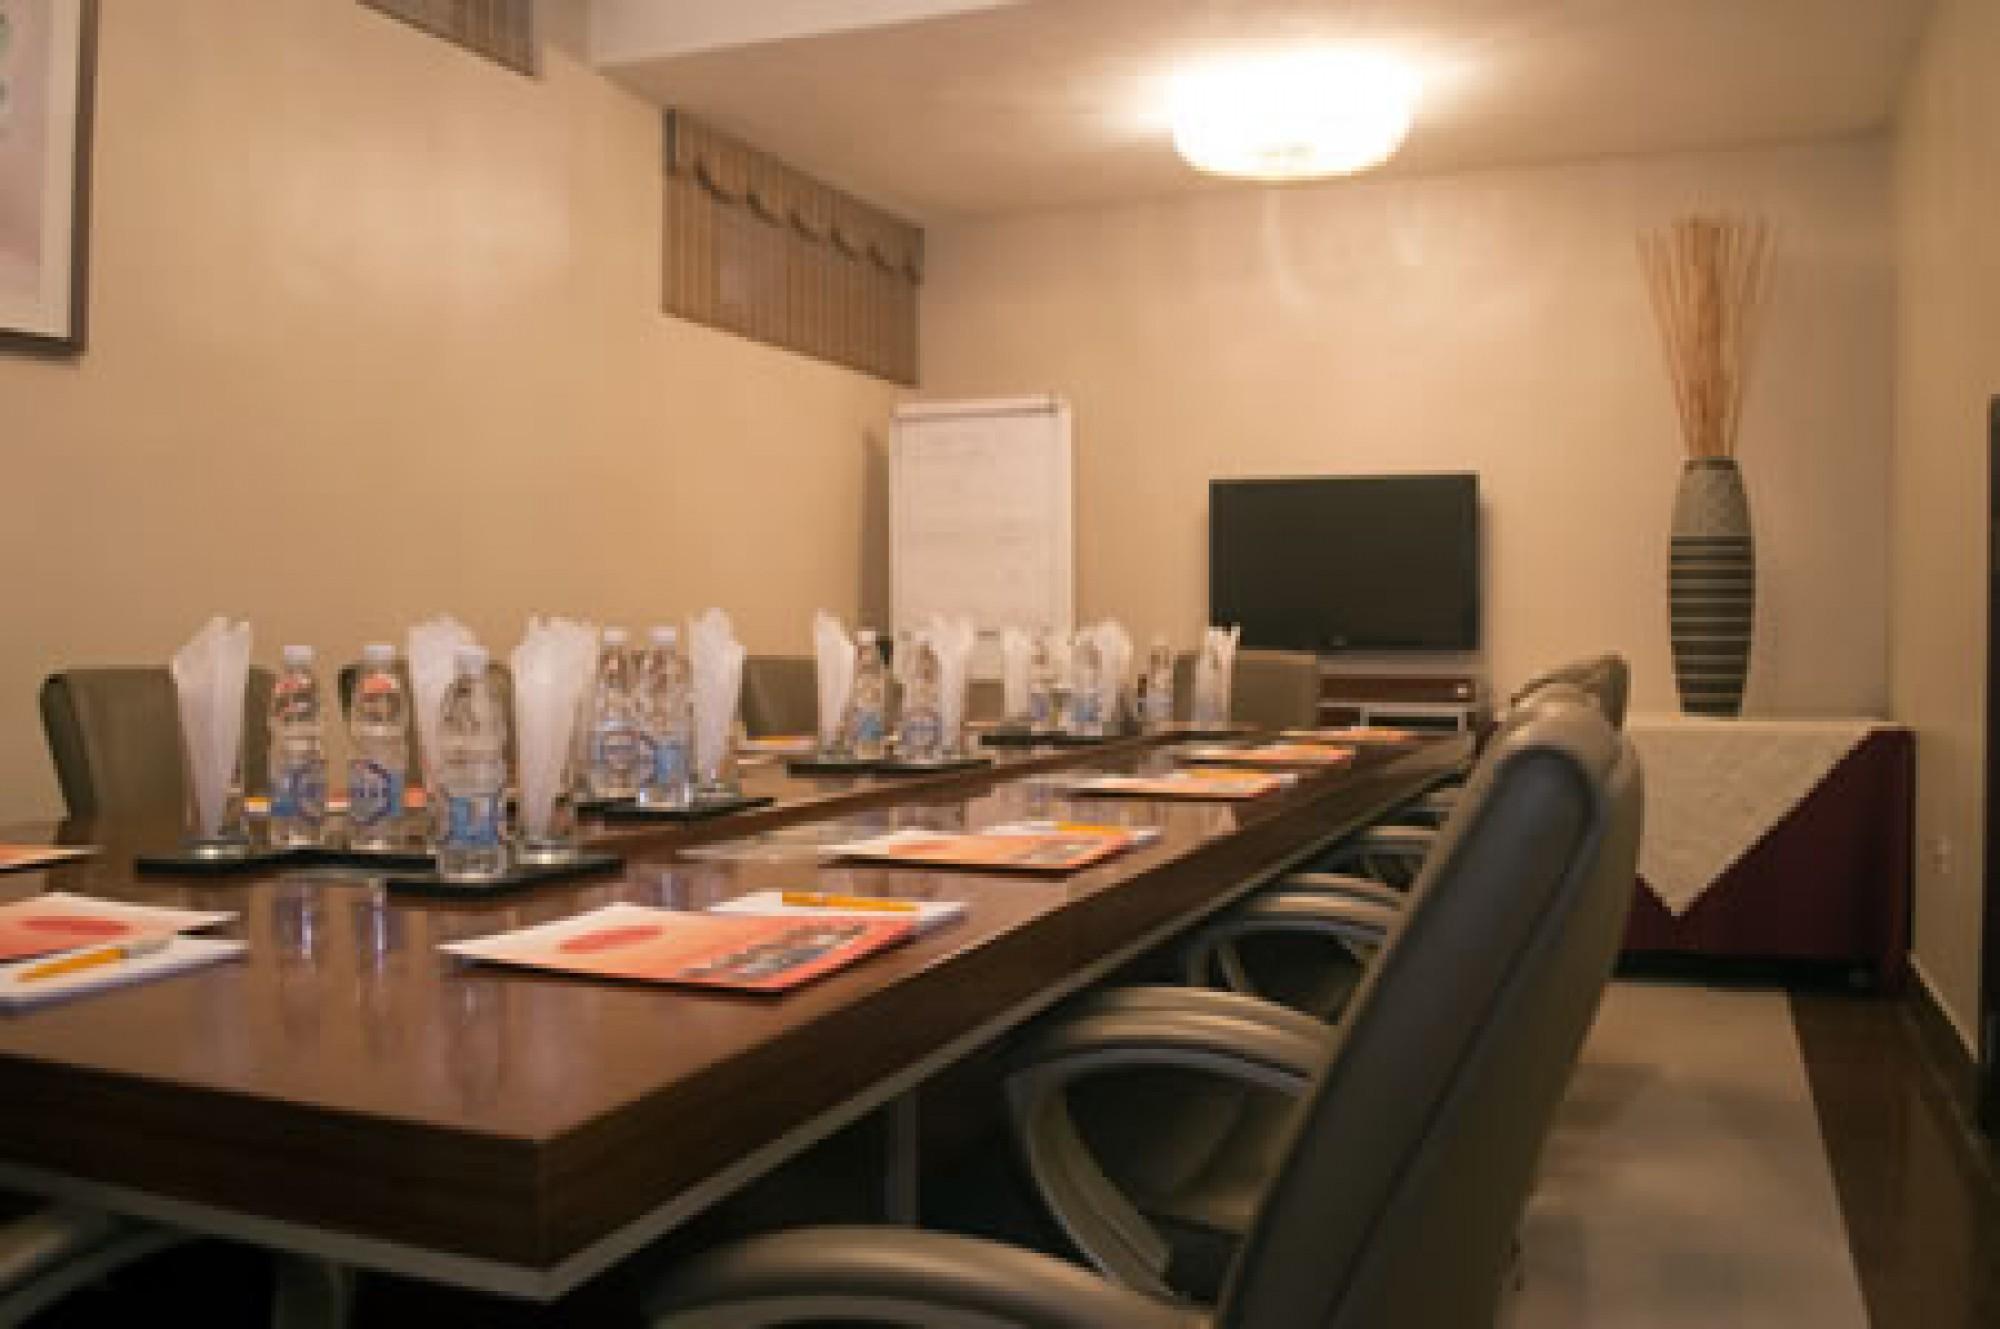 boardroomgrandbeesuiteshotelinikeja14770670981970495518_thumb.jpg